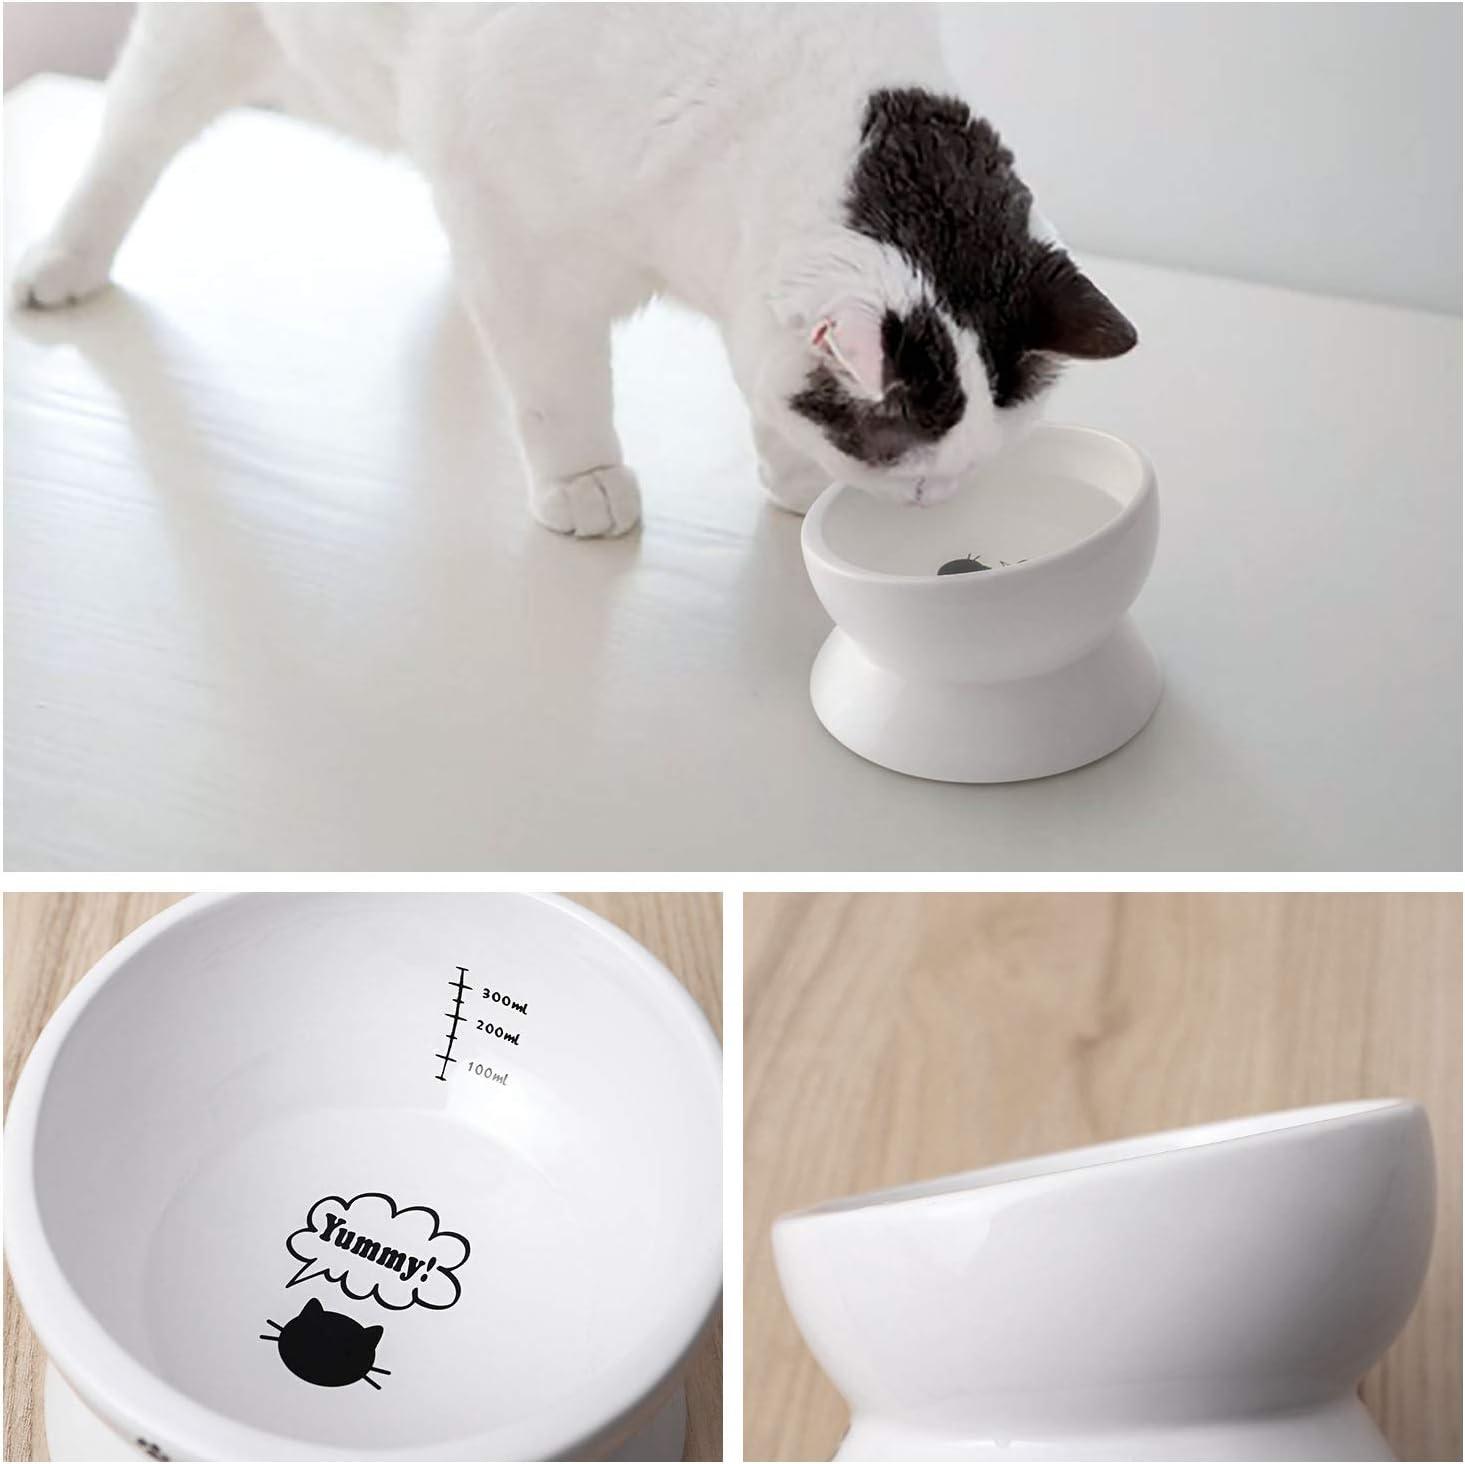 piatto bianco 440 ml Y YHY per proteggere la colonna vertebrale del gatto senza stress inclinata prevenzione del riflusso Ciotola in ceramica rialzata per gatti e gatti regalo per gatti